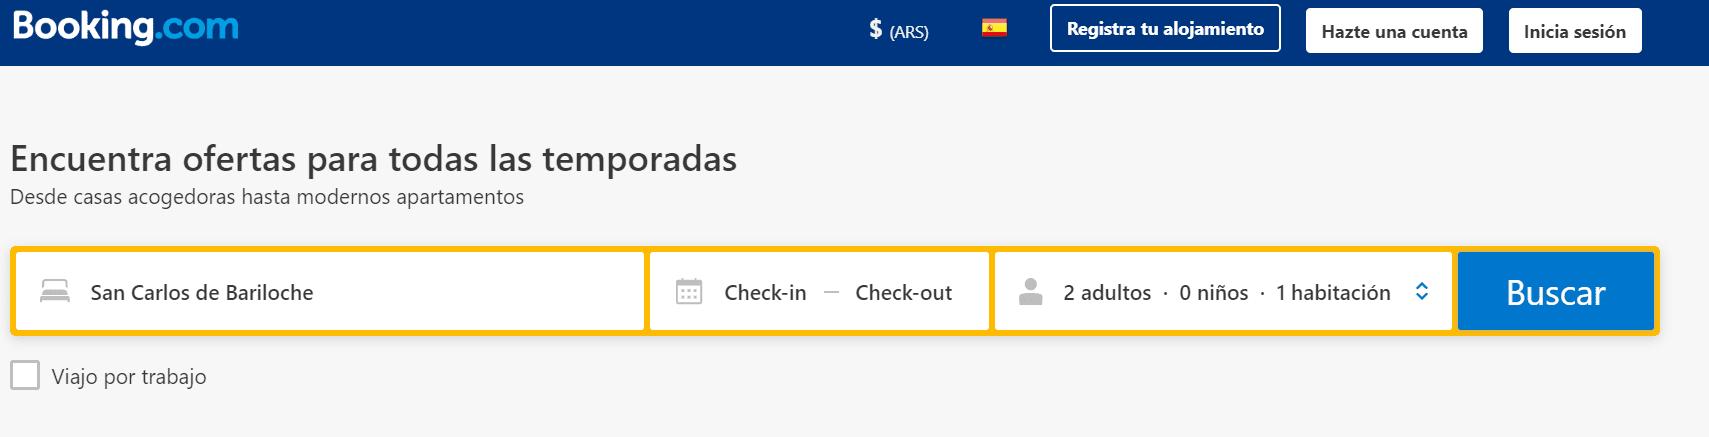 booking.com - aquidepaso.com